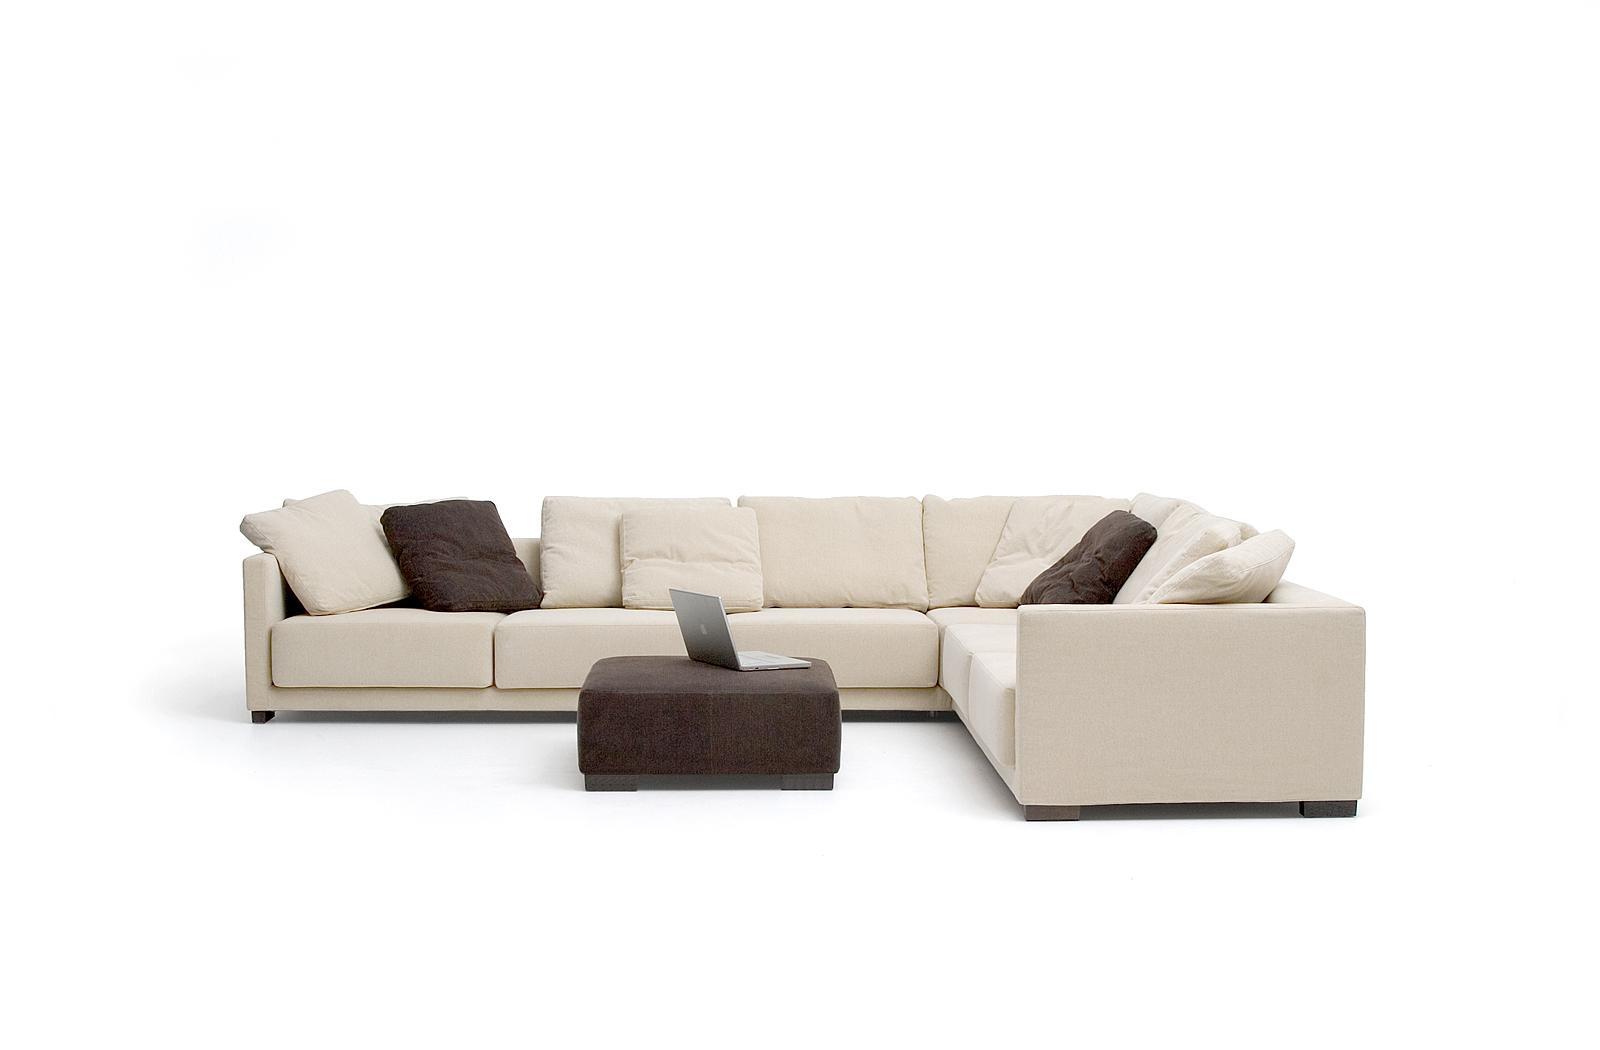 Drop In | Bensen Pertaining To Bensen Sofas (Image 6 of 20)